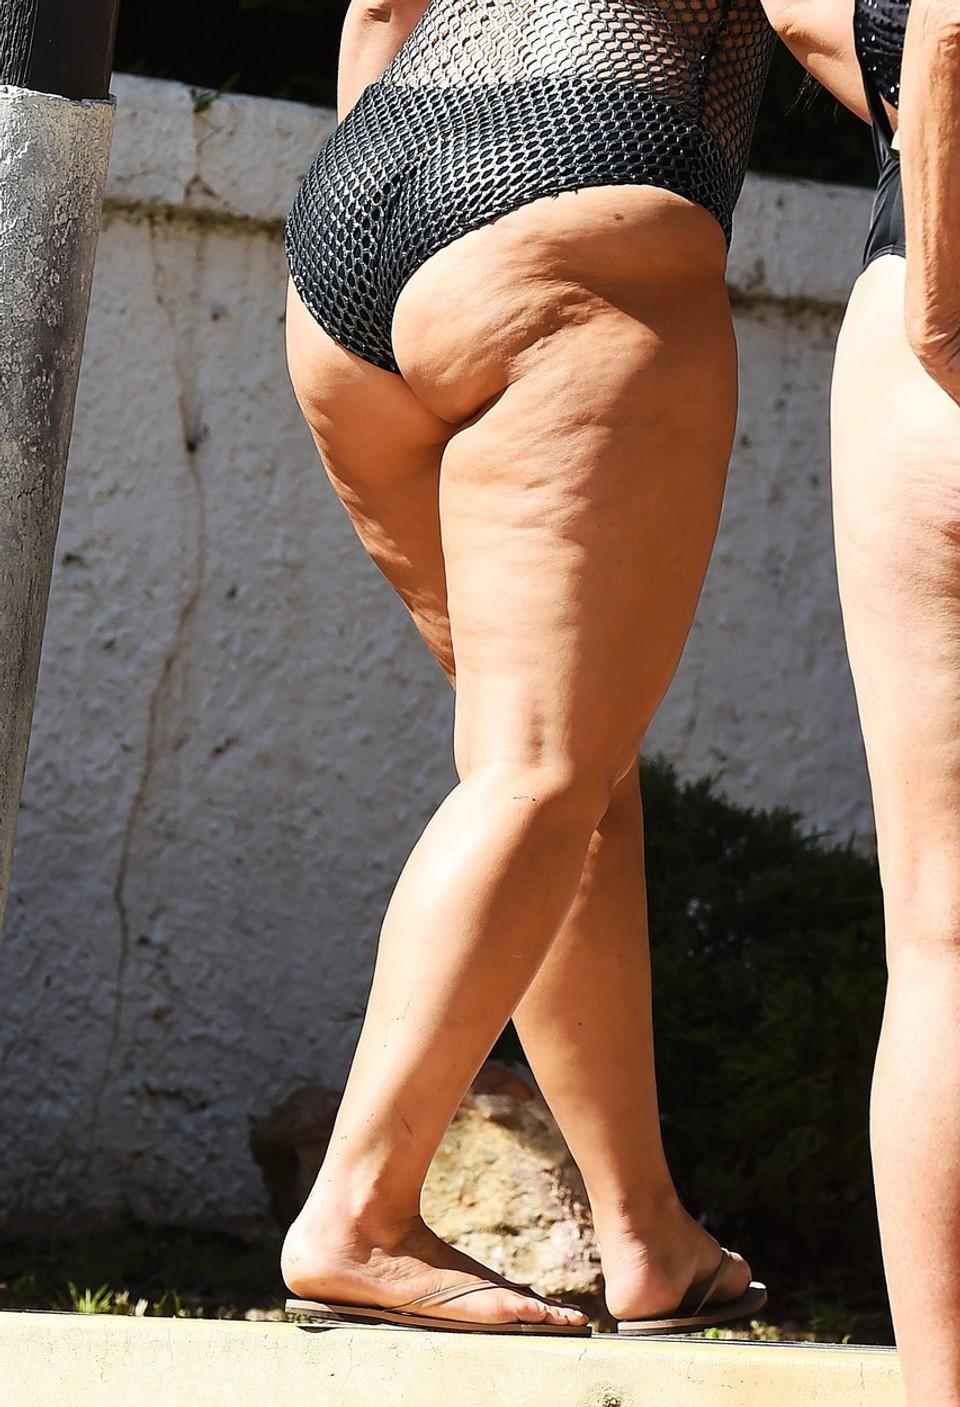 женские задницы с целлюлитом фотографии - 14